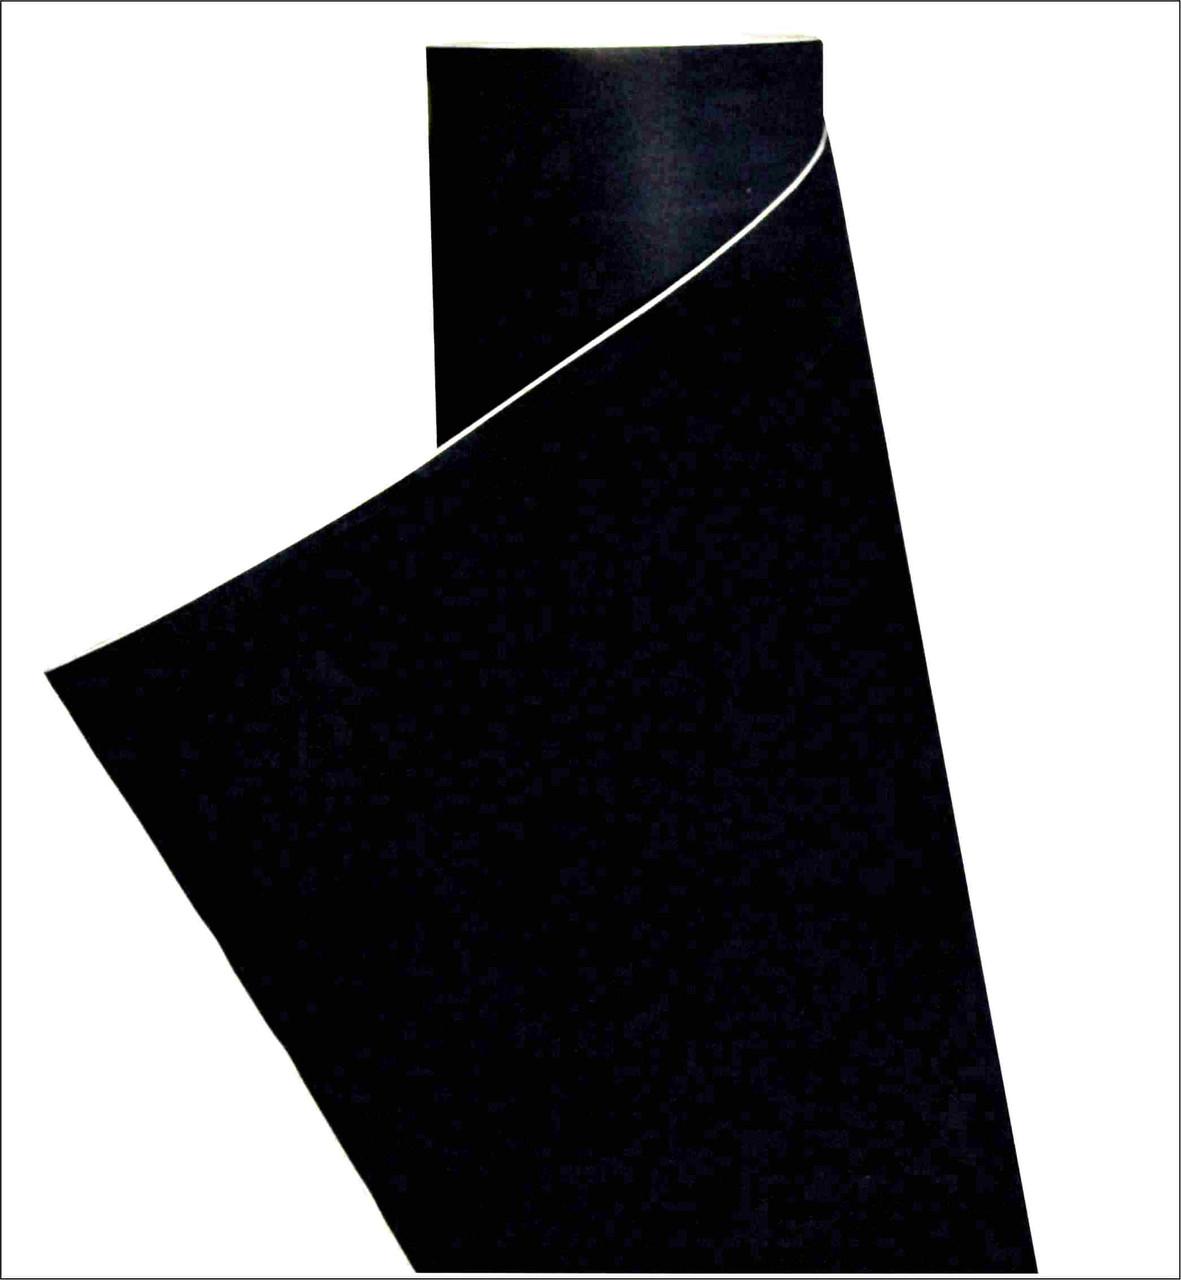 Пленка декор (вельвет черный) 1,35м